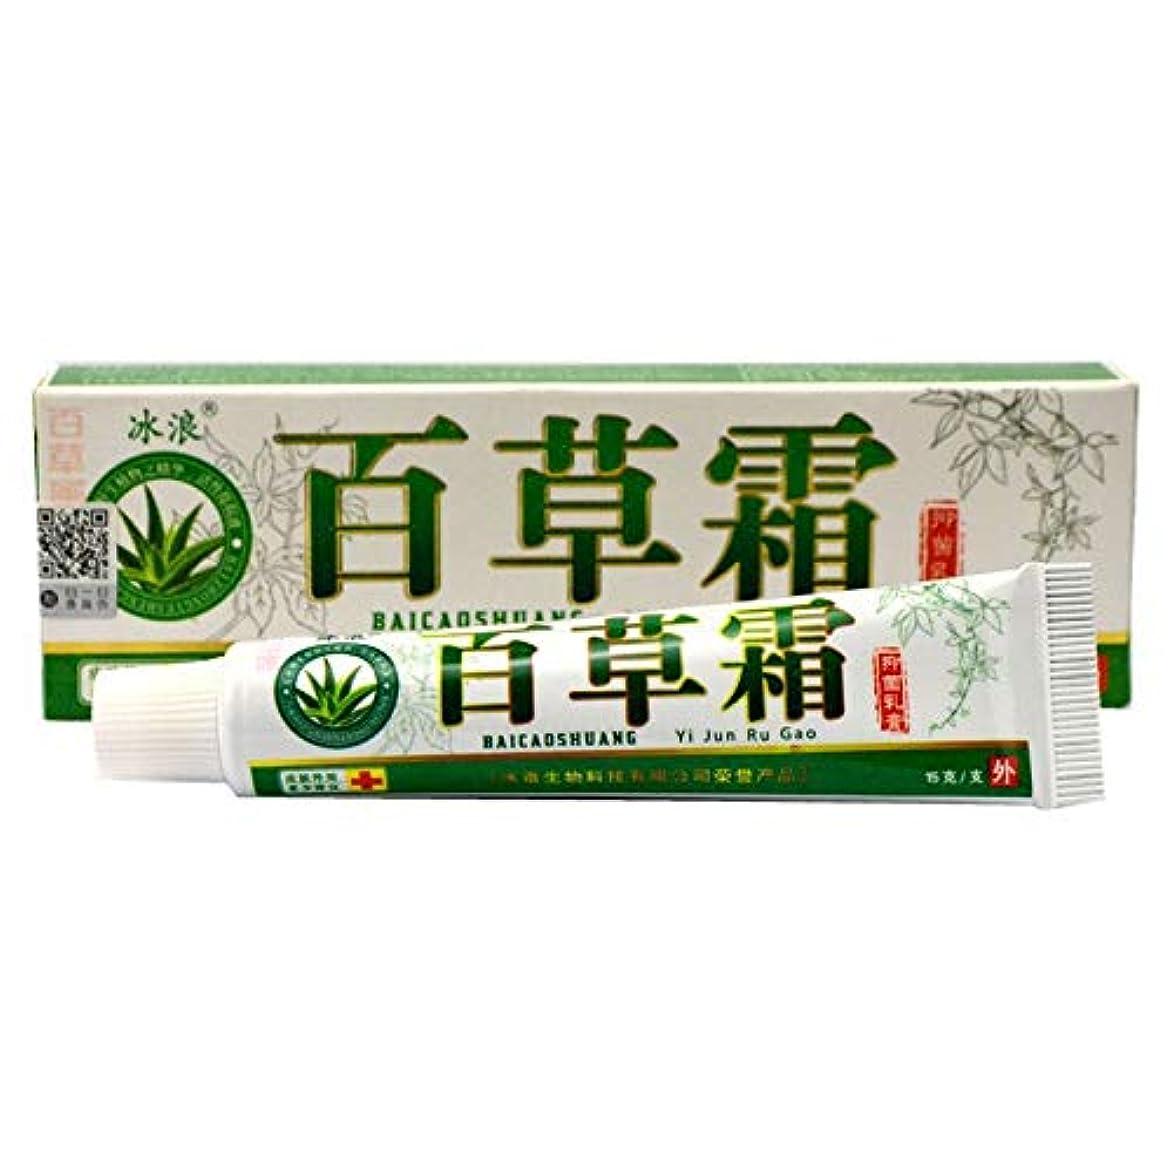 あいまい形成ビルマ植物 ハーブクリーム 抗菌 かゆみ止め 蚊よけ 植物エッセンス 軟膏 かゆみ   蚊よけ 皮膚炎 Ammbous